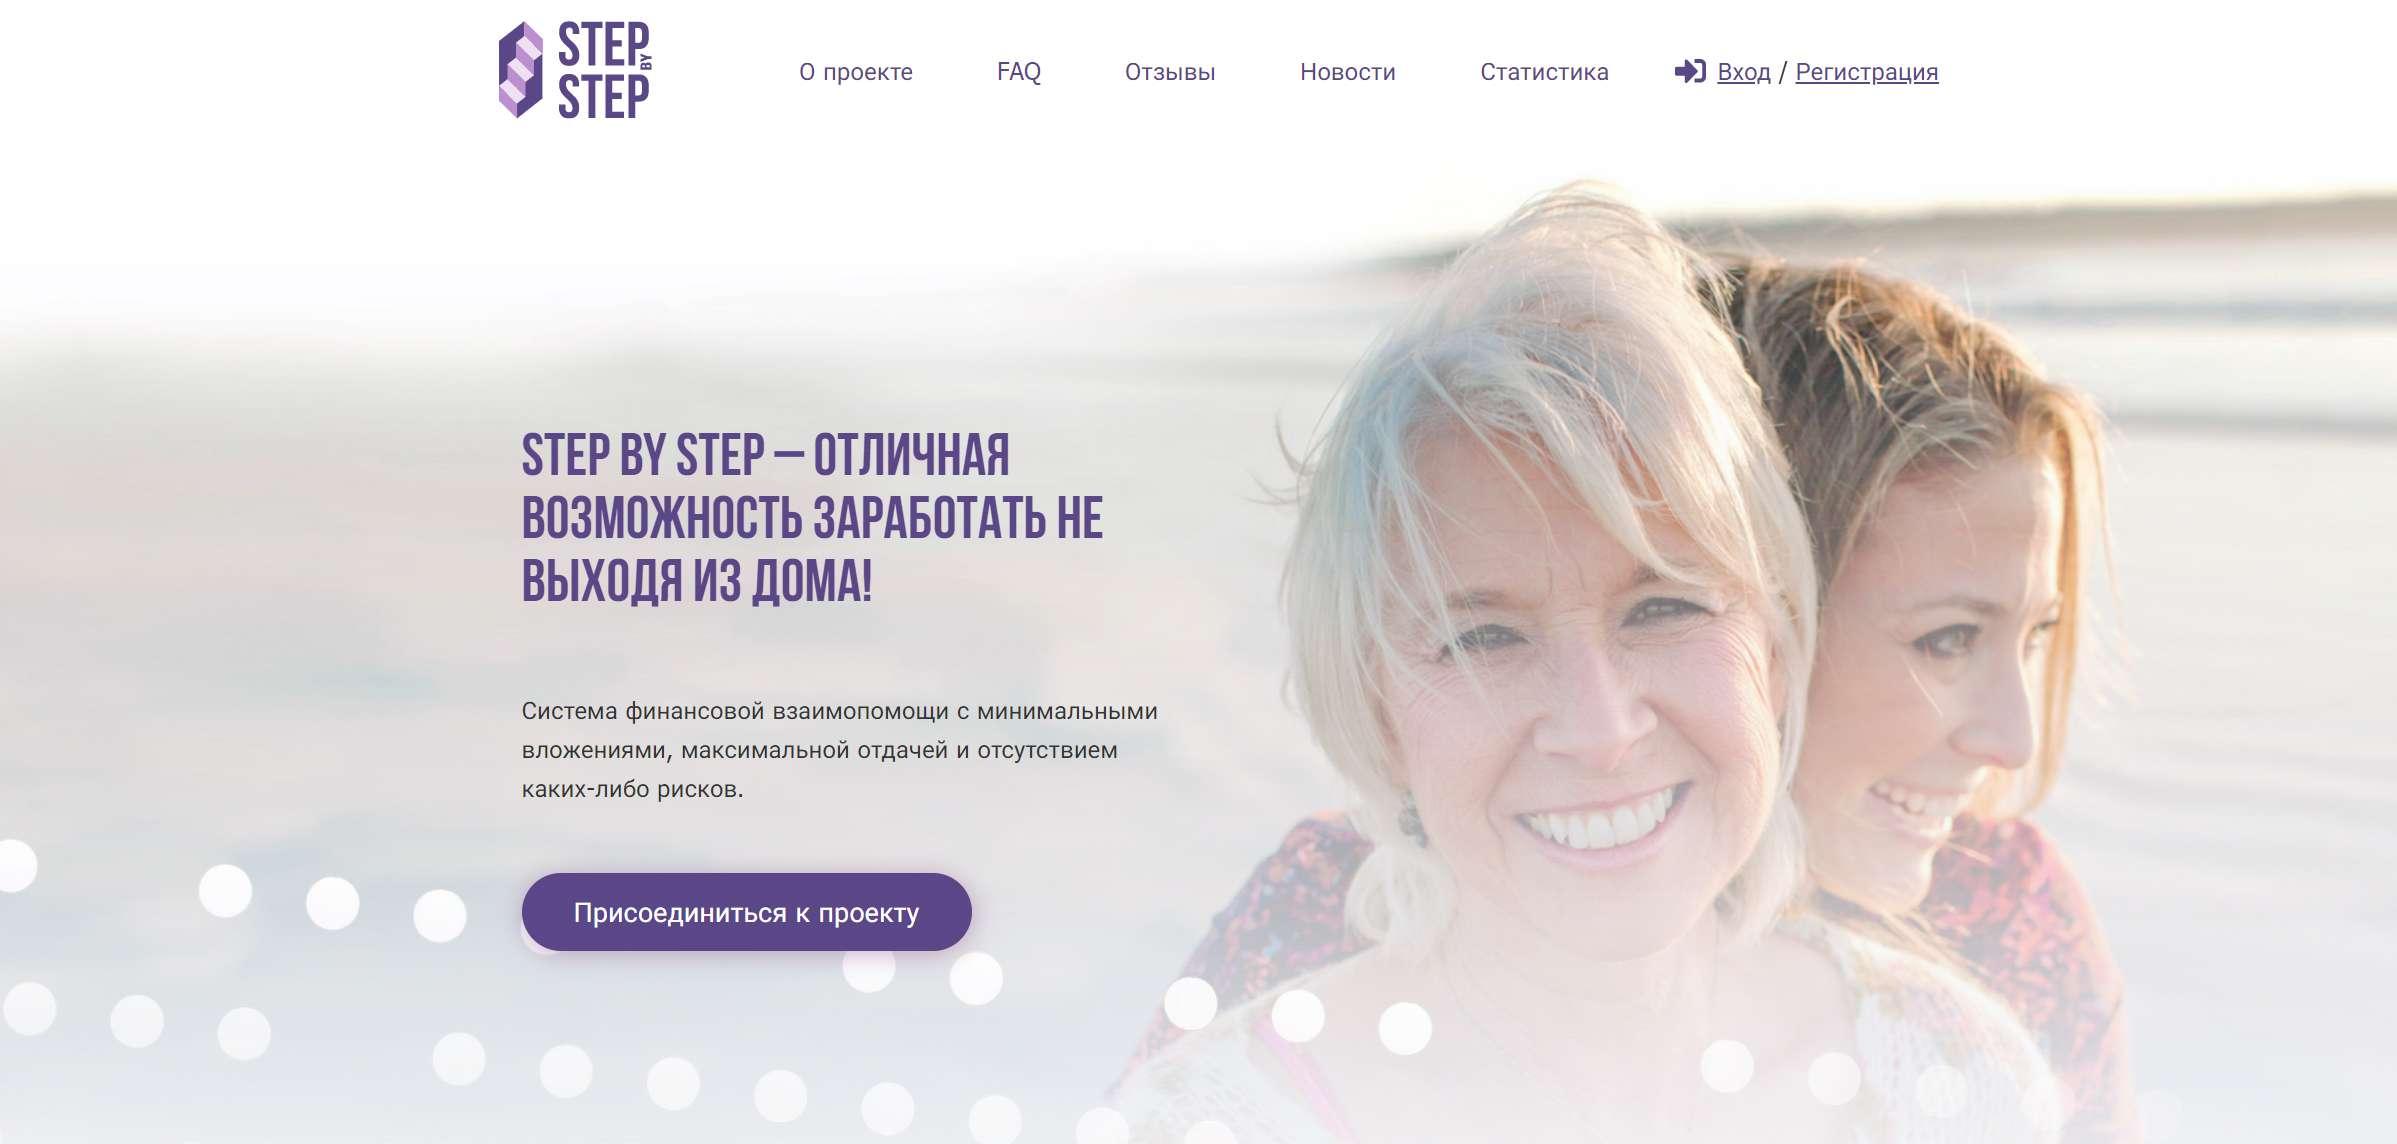 Обзор StepByStep - банальный пирамидный лохотрон!